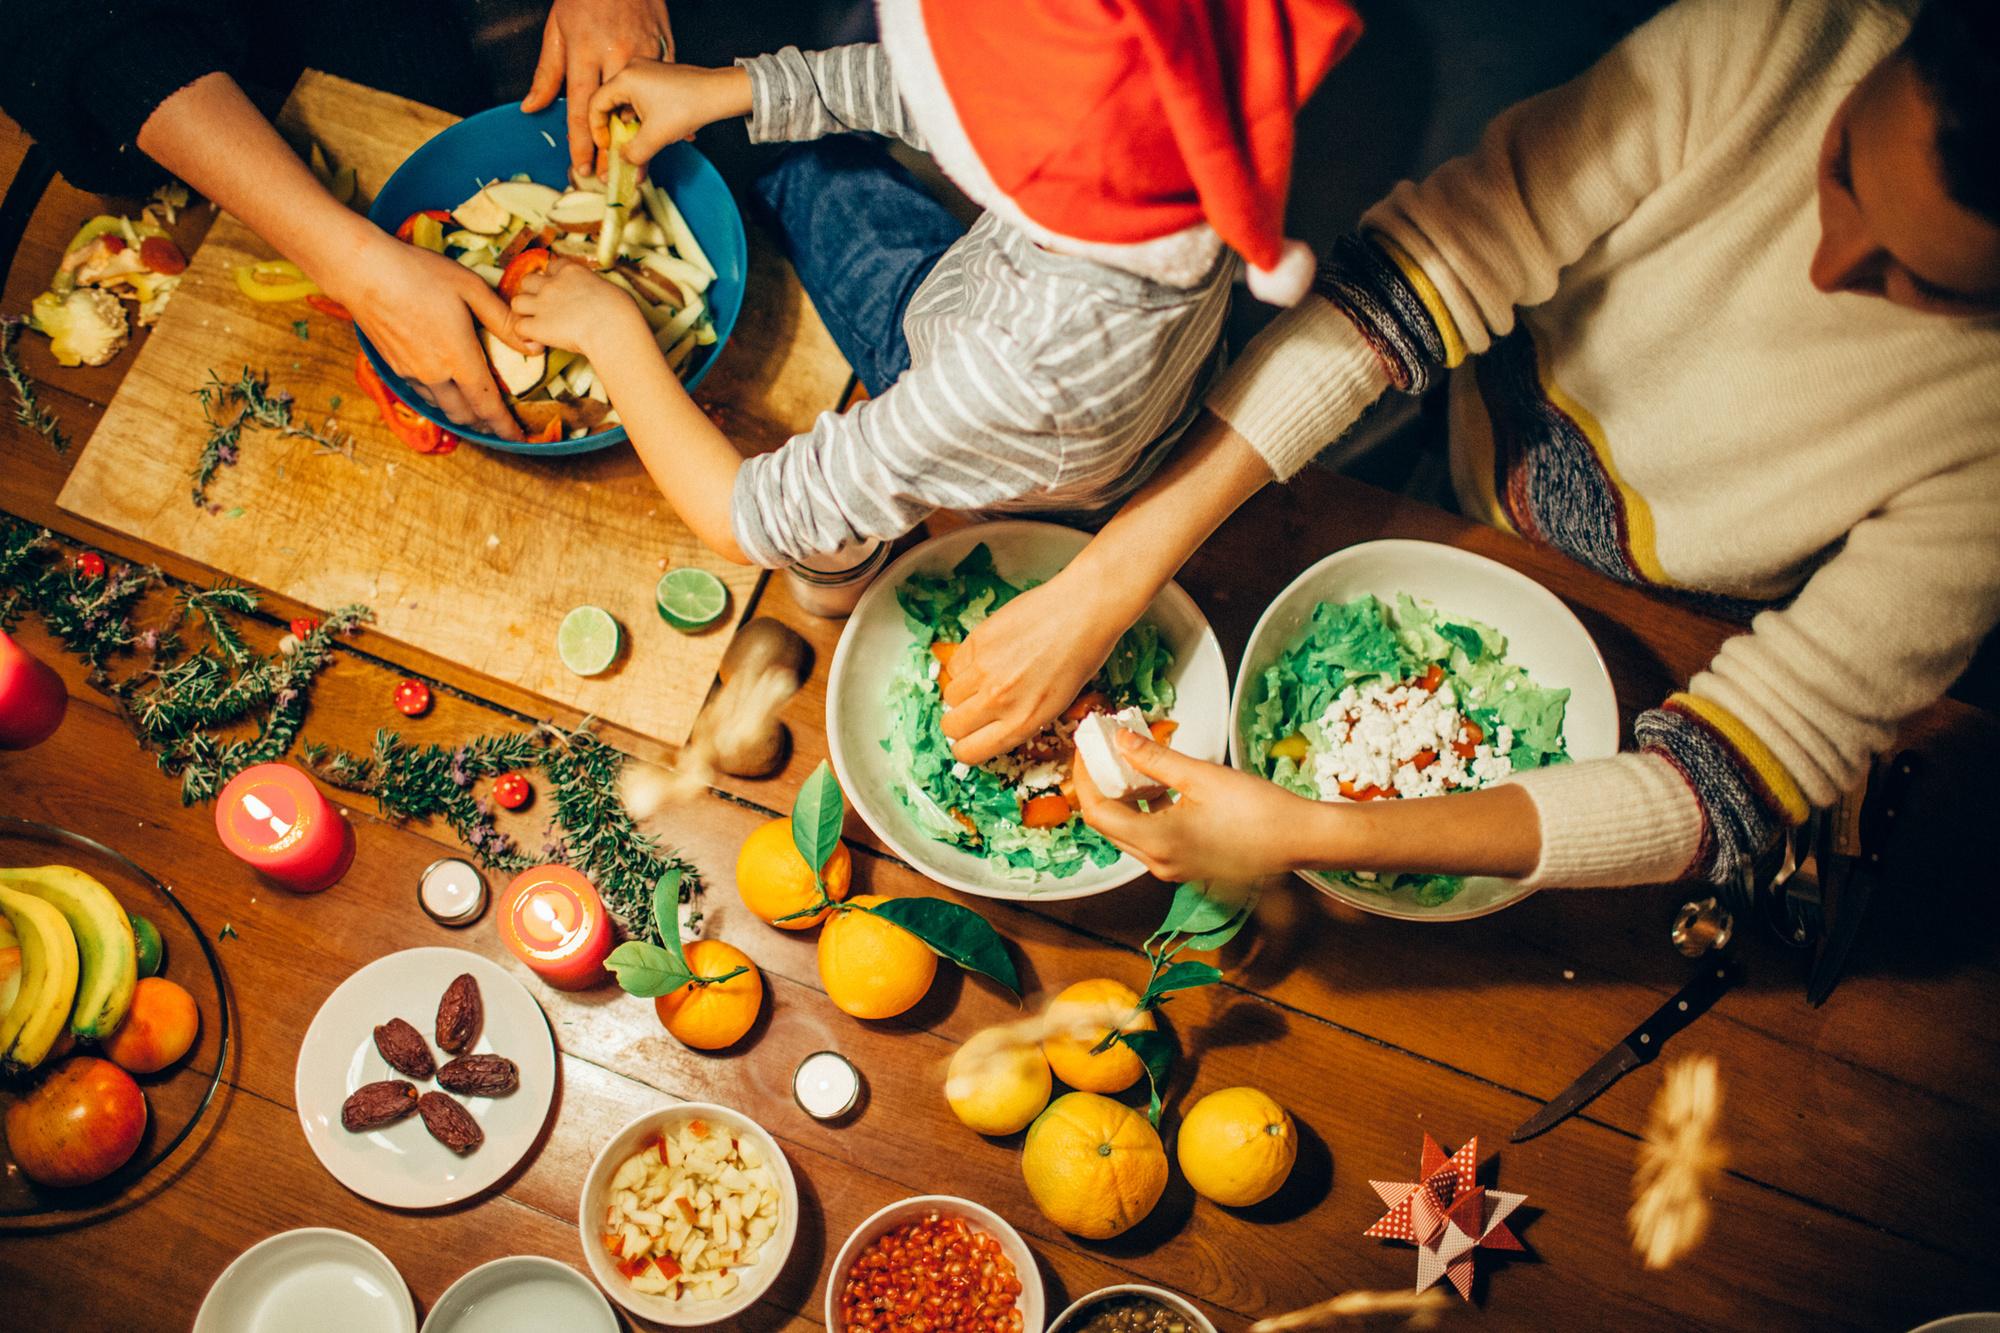 Niet zeker of je genoeg zal hebben van je salade? Bereid dan al alle ingrediënten voor en zat ze in afzonderlijke bakjes klaar in de koelkast. Als je eerste lading opraakt, kan je dan snel alles samengooien zonder dat de boel wak wordt. Toch niet nodig? Dan kan je de afzonderlijke ingrediënten gemakkelijk in andere gerechten verwerken de komende dagen., Getty